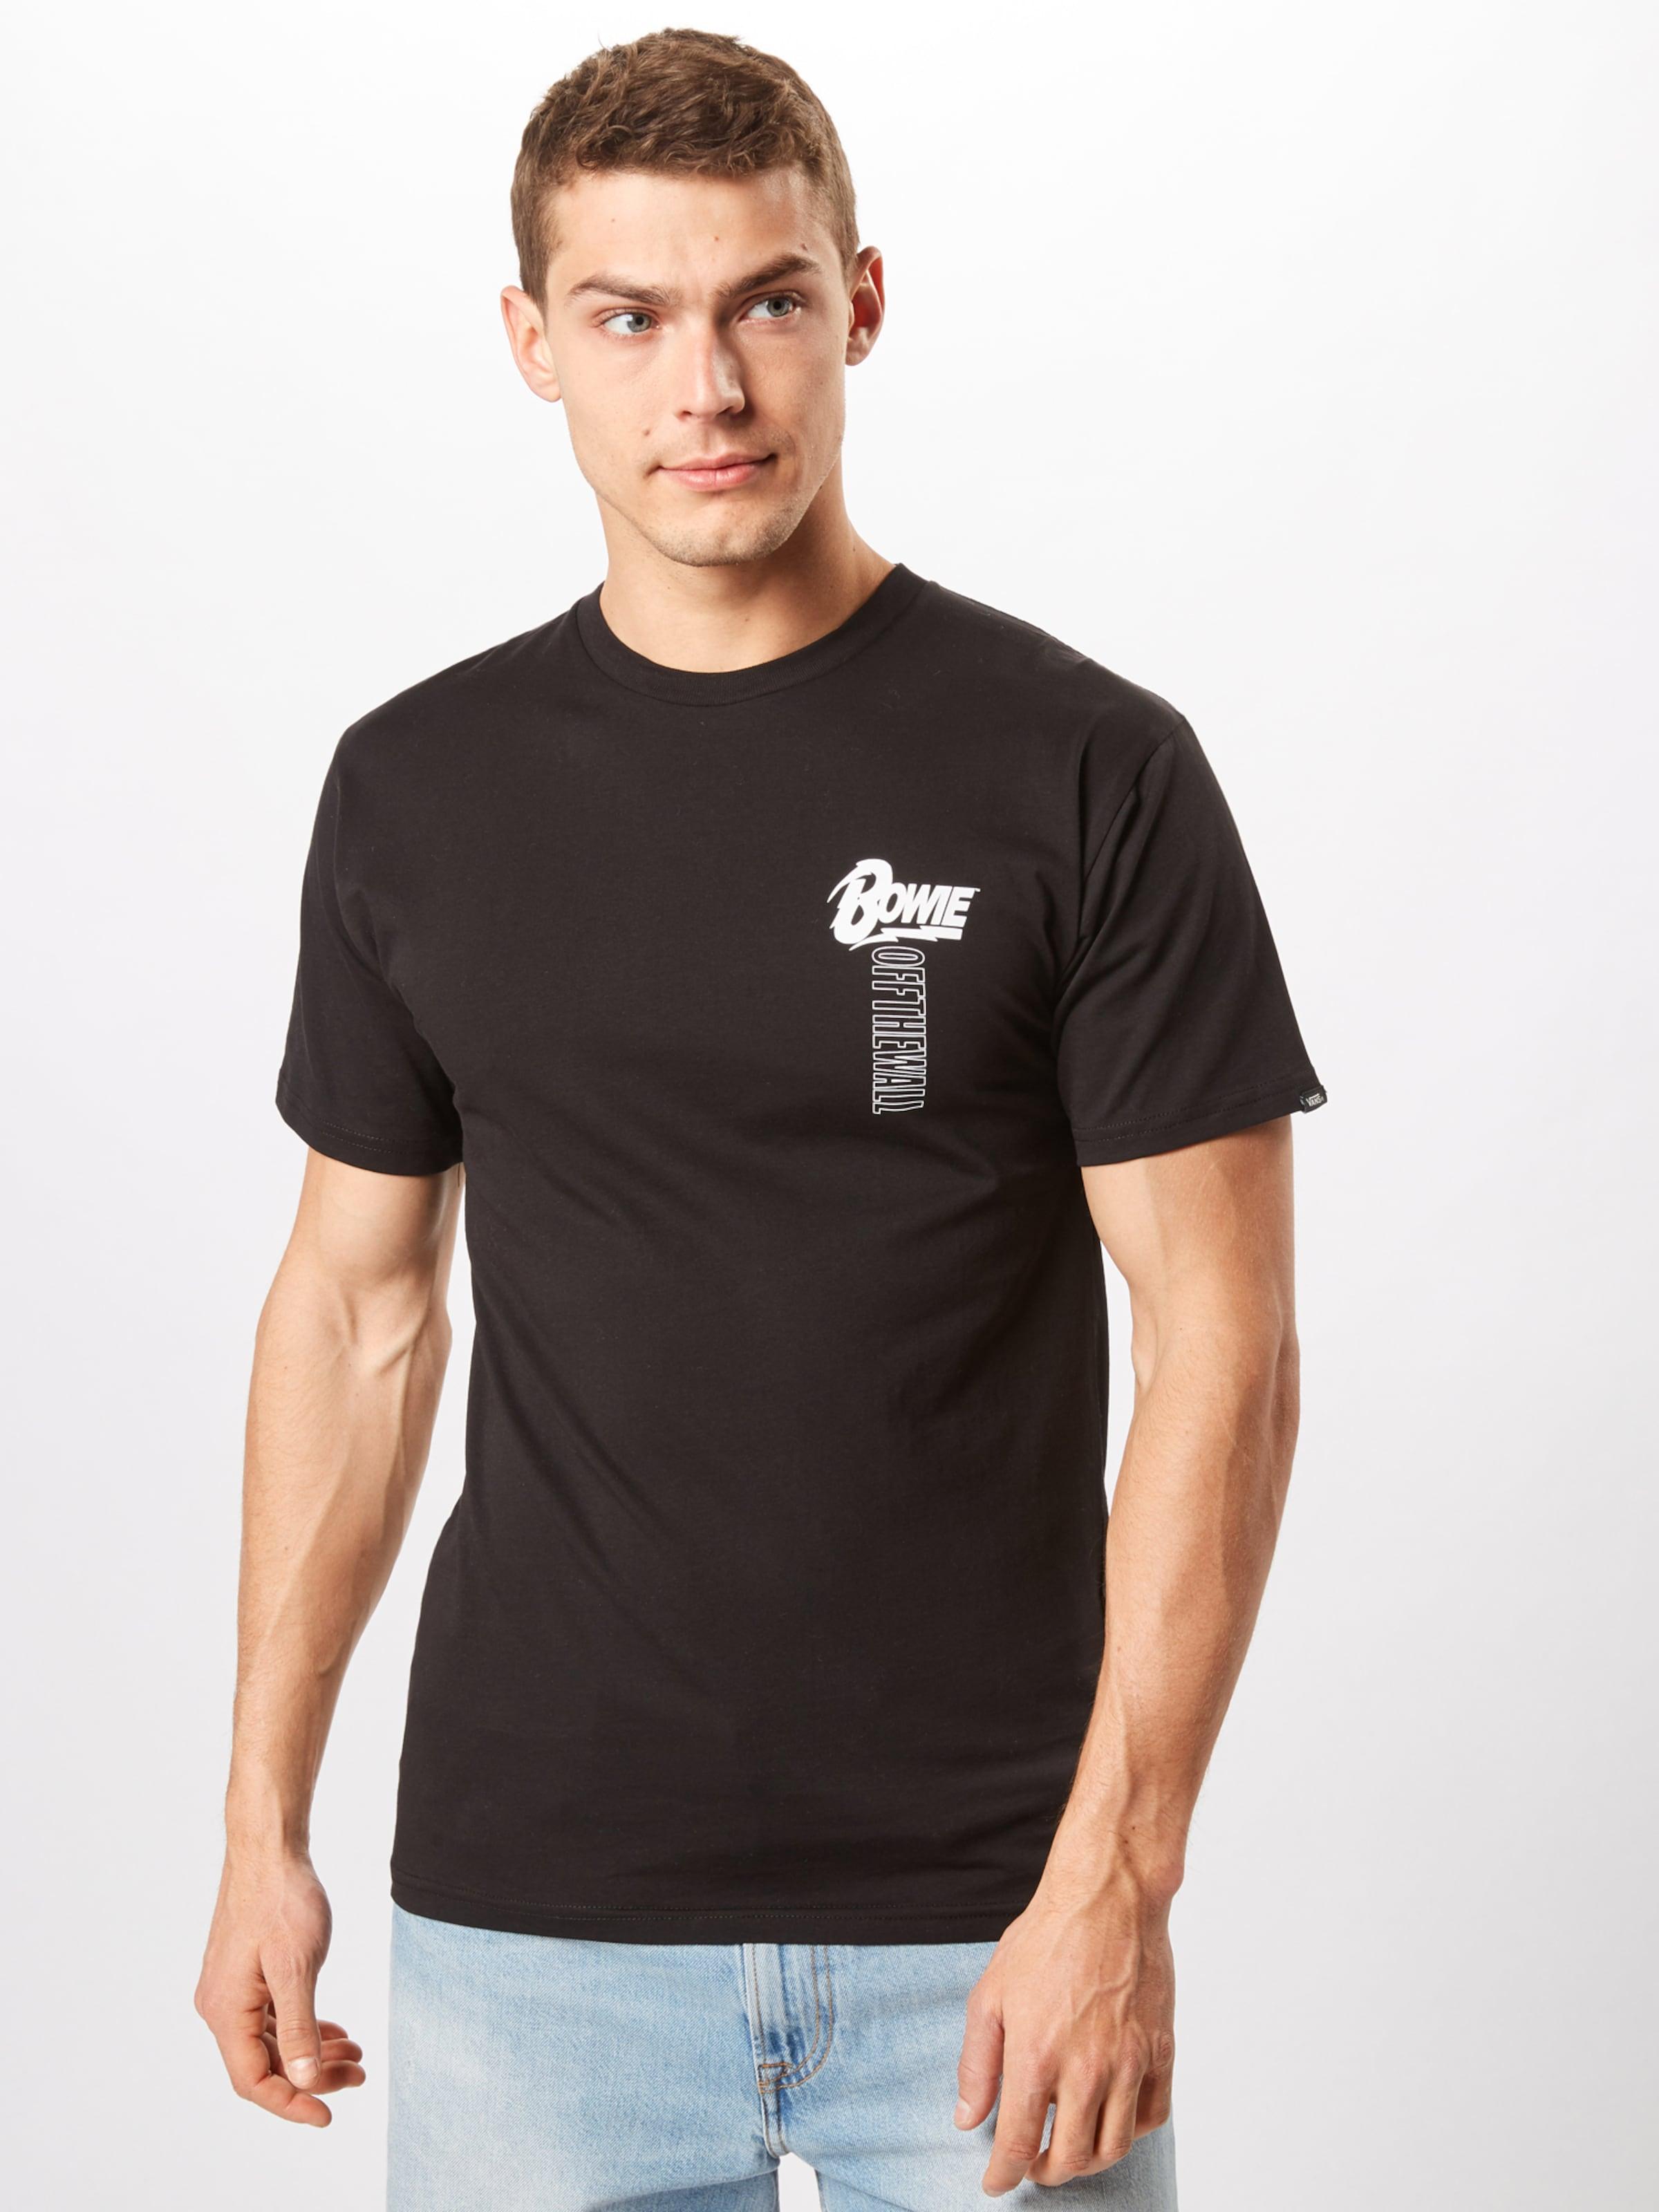 Vans T Stardust' shirt 'ziggy In Schwarz wnOP0k8X